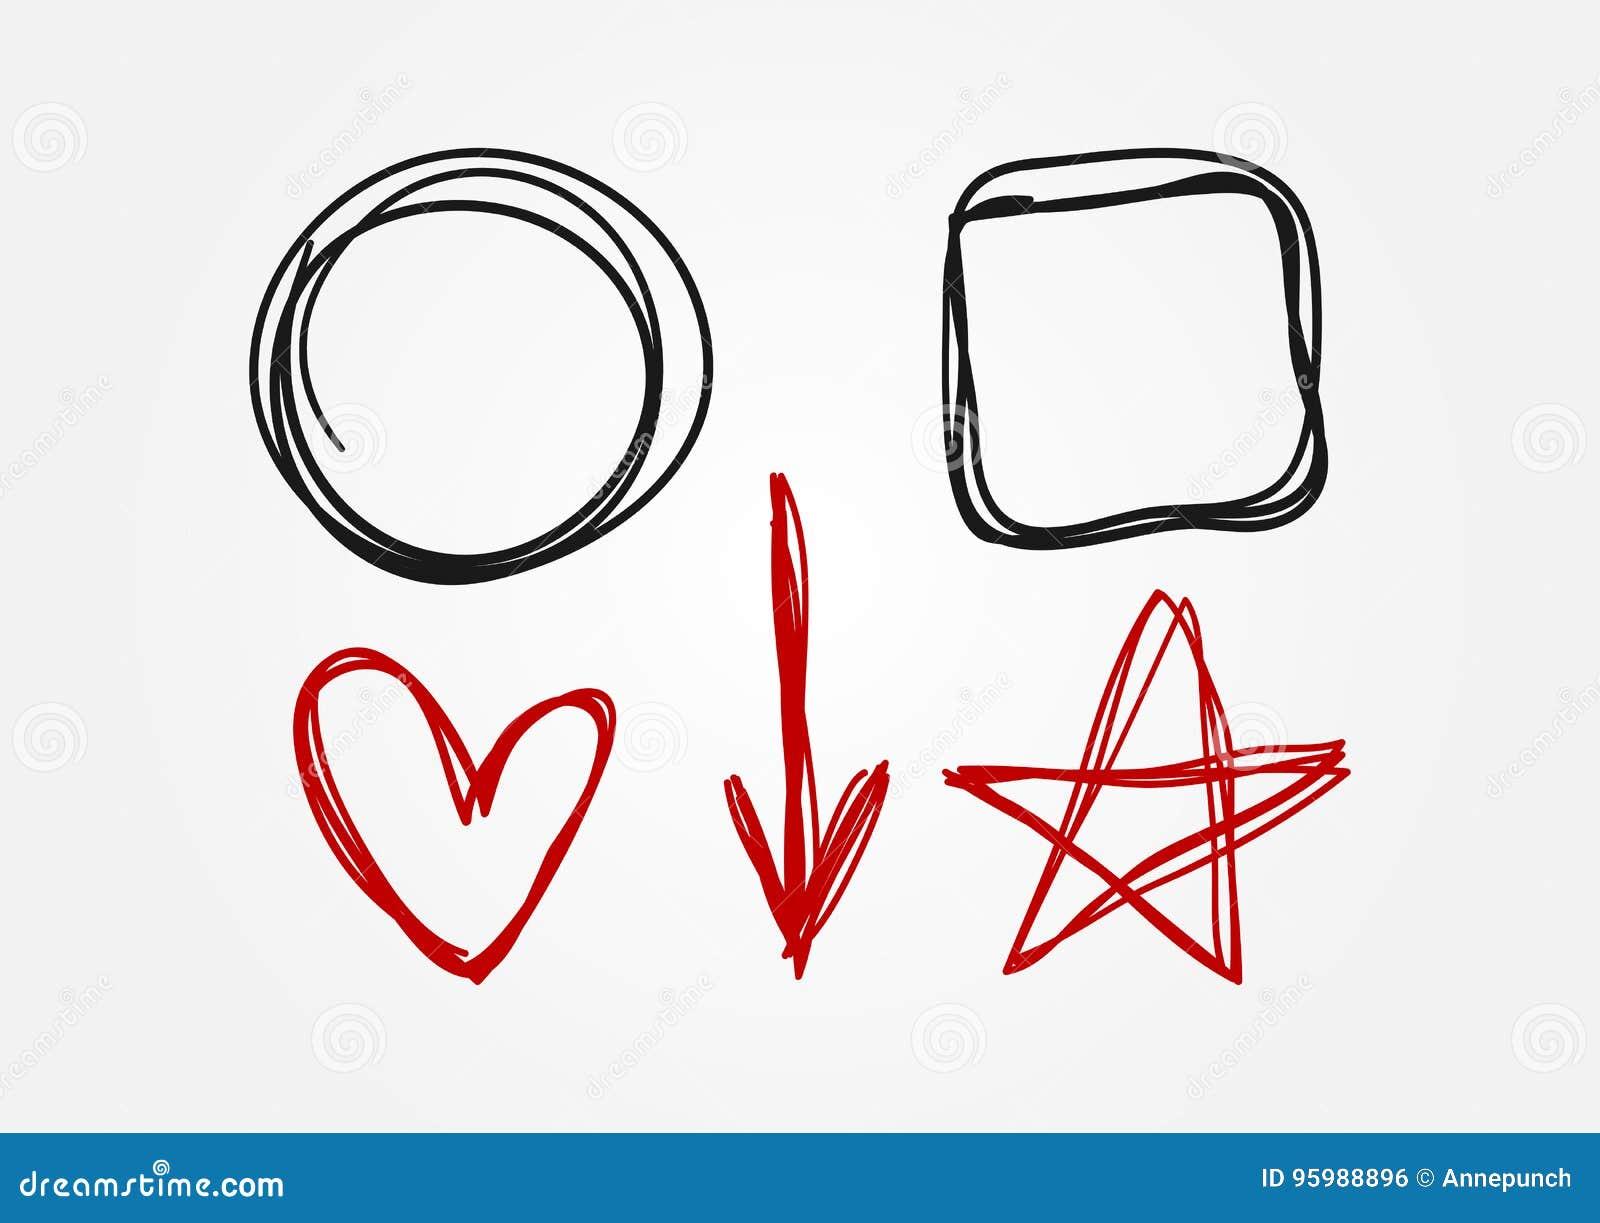 Herz mit pfeil bilder